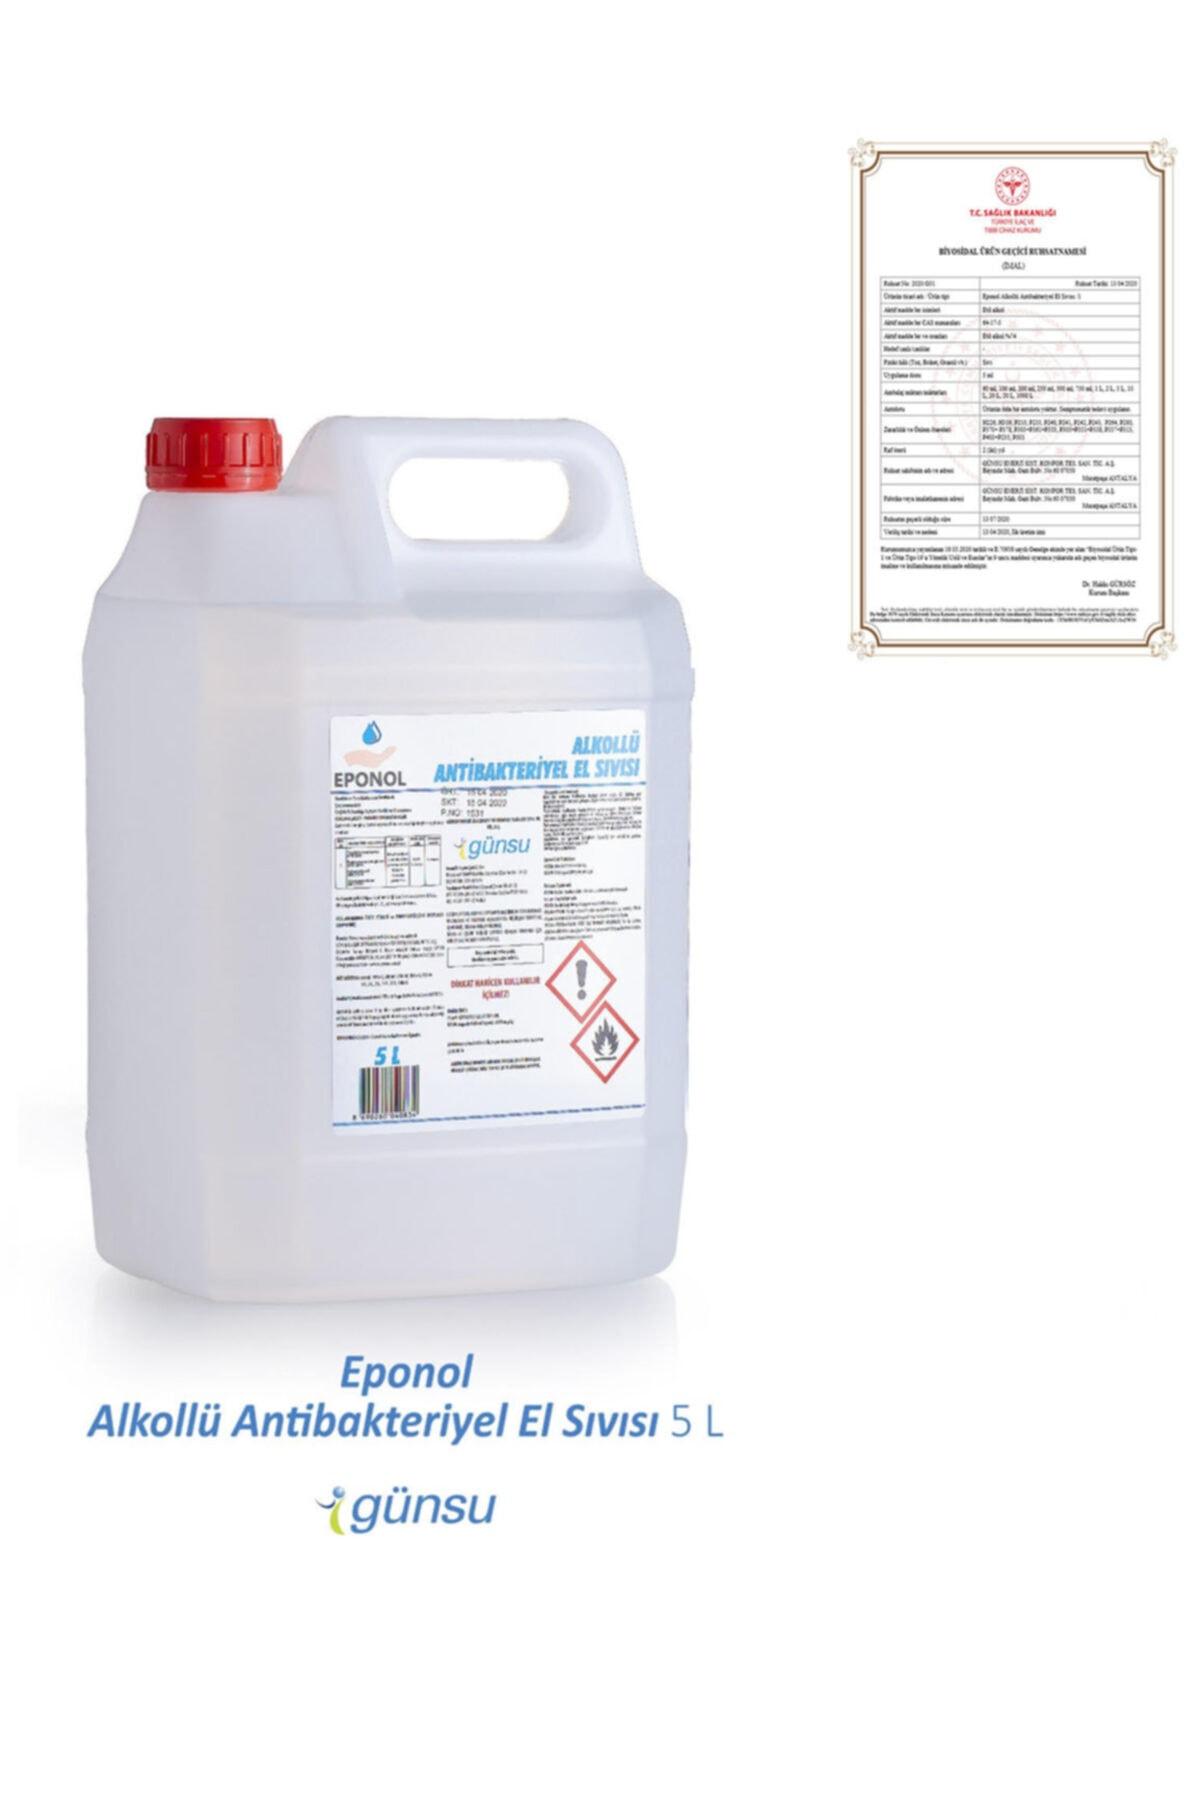 Eponol %70 Alkollü Antibakteriyel El Dezenfektanı 5l